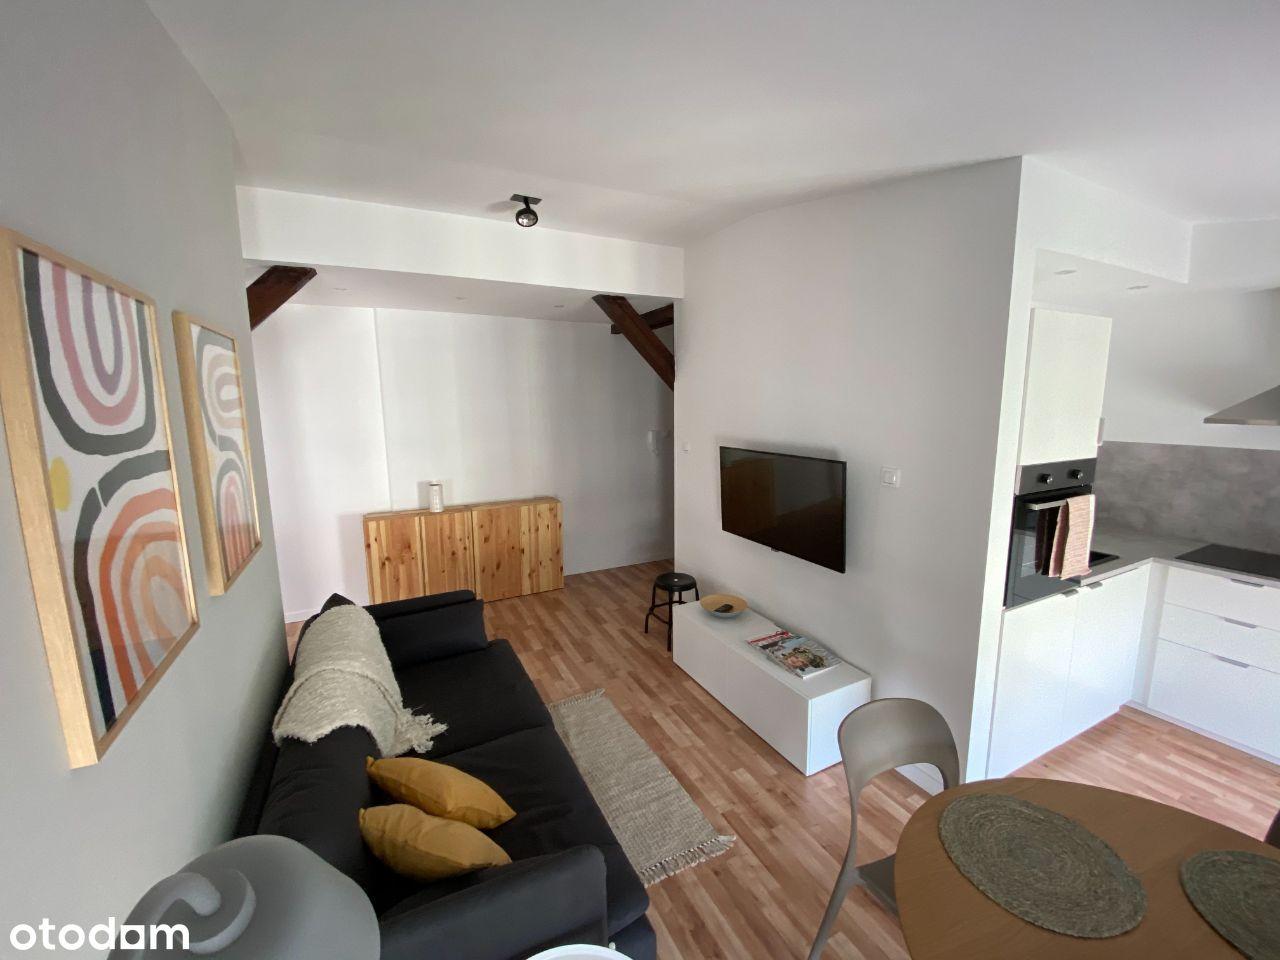 Nowe mieszkanie (dodatkowy pokój/garderoba/biuro)